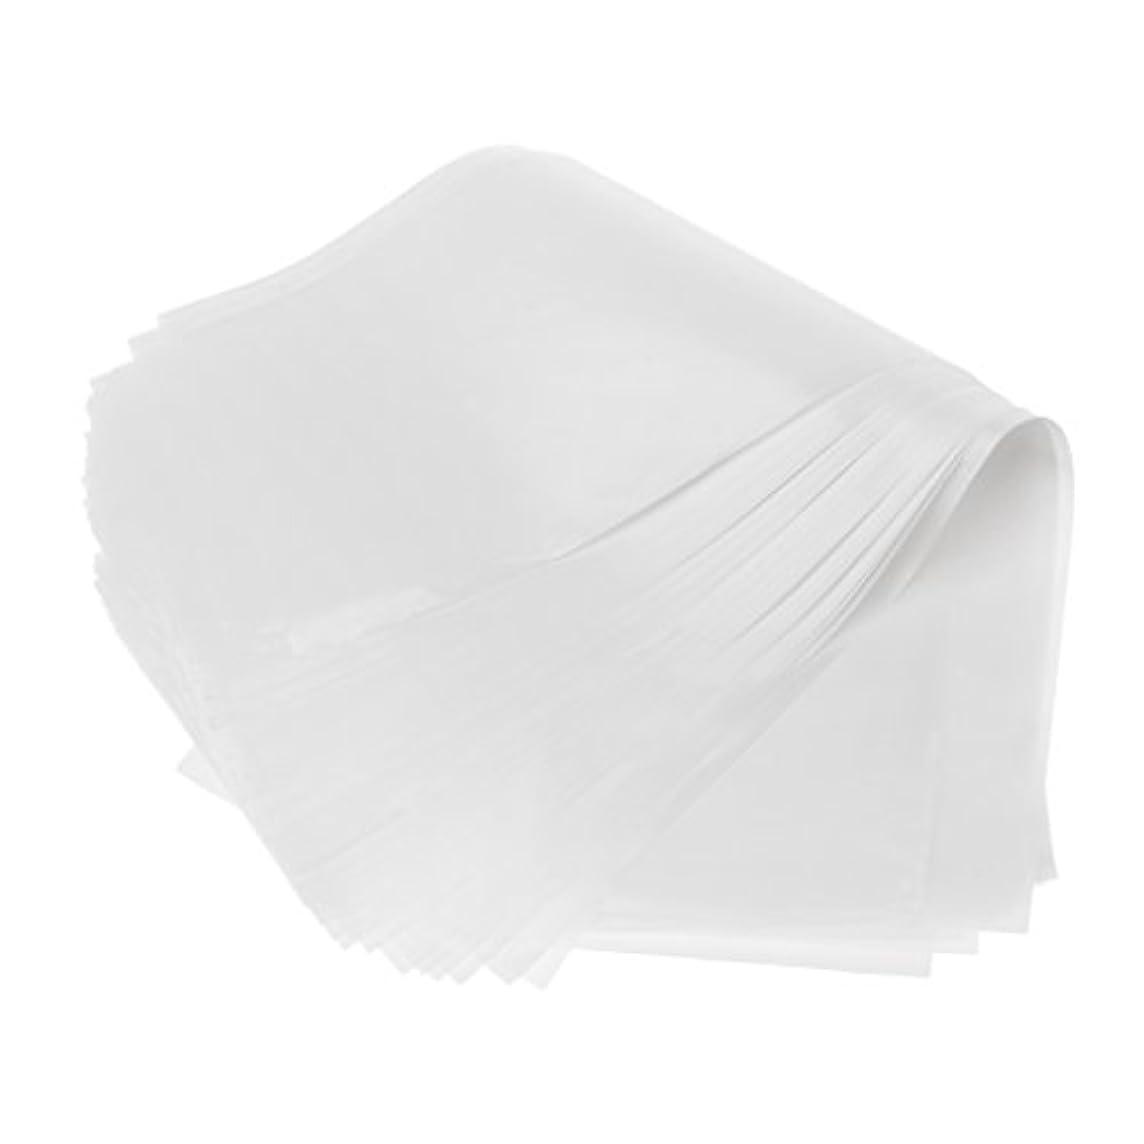 窓無効罰Fenteer 約50枚 2仕様選べ 髪染め用 毛染め ハイライトシート 再利用可能 分離 紙  ハイライト ヘアカラー 自宅 DIY 使用やすい - ホワイト